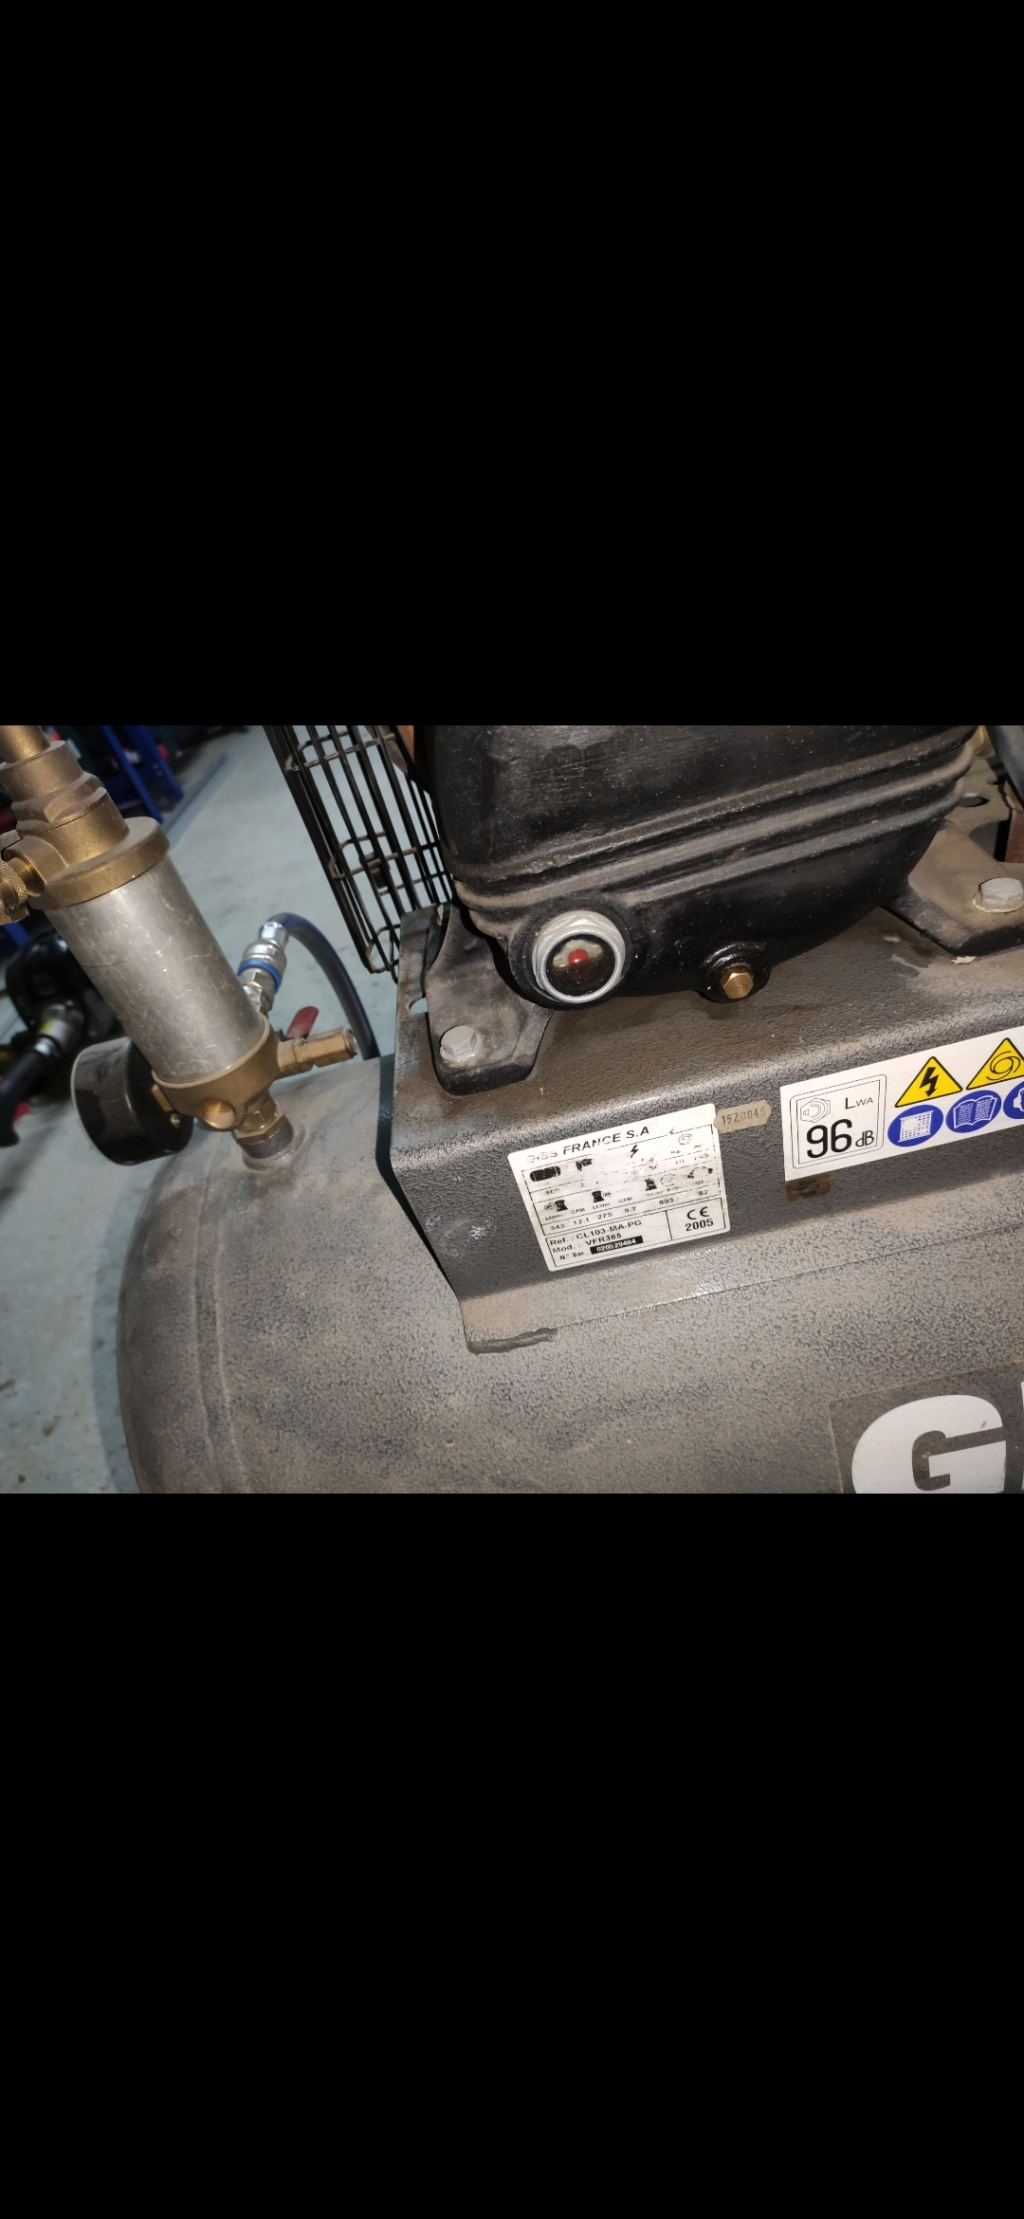 Compresseur GISS VFR385 qui chauffe Screen11